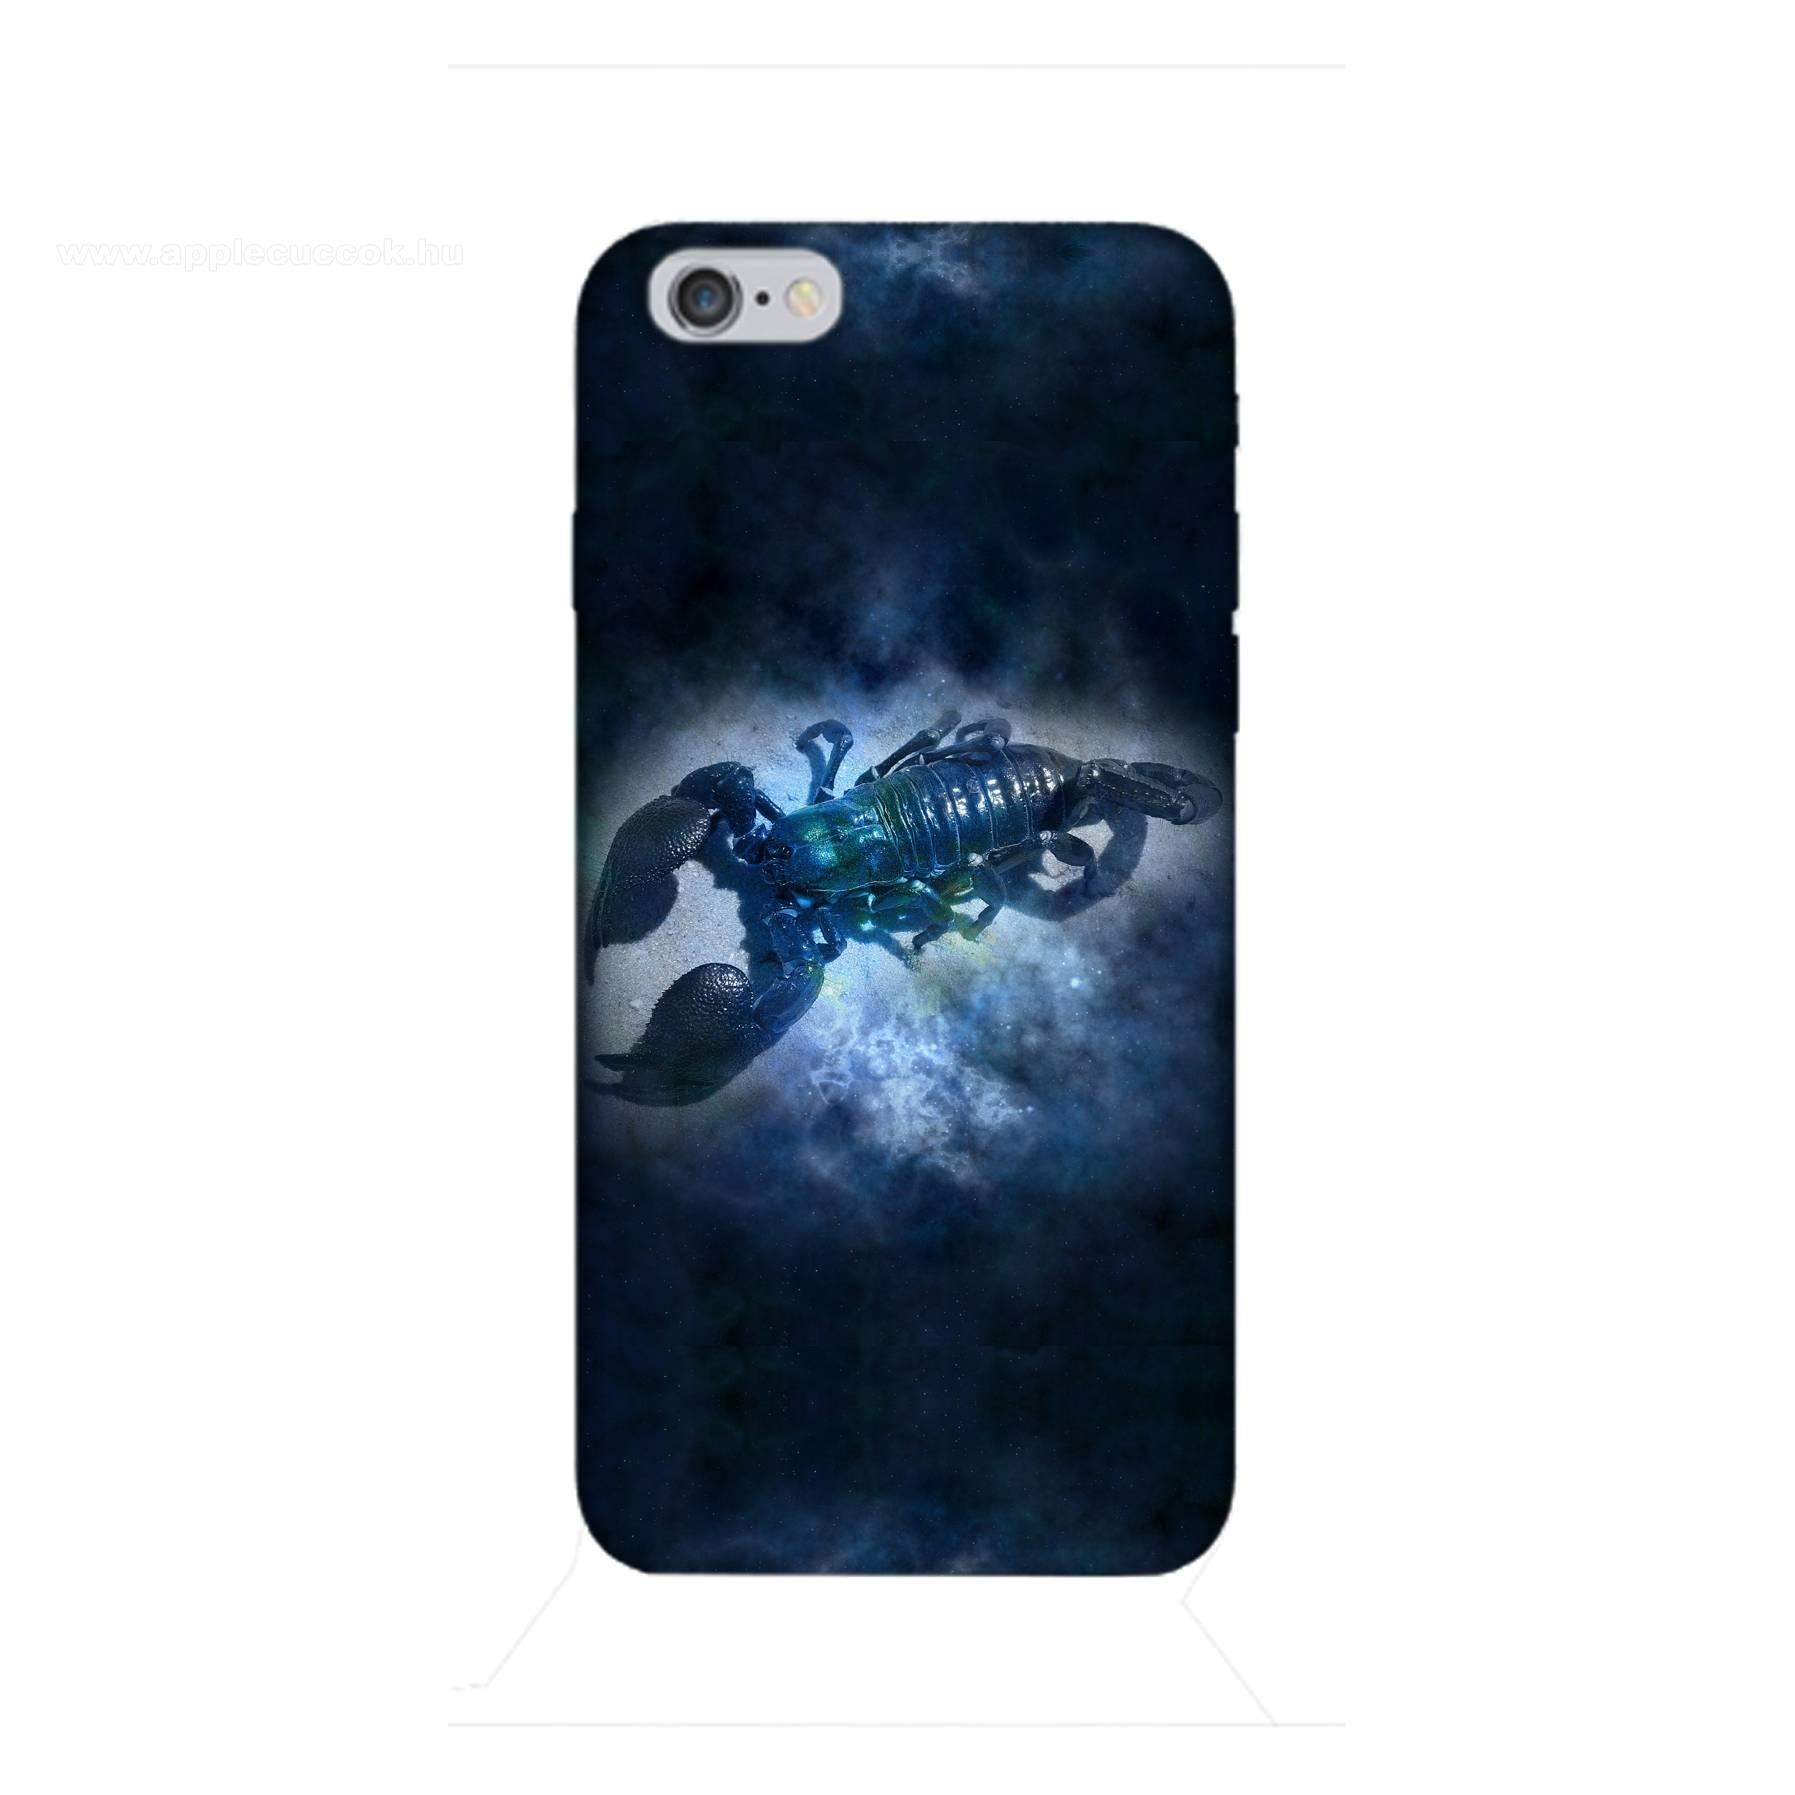 E-pic szilikon védő tok / hátlap - Horoszkóp, Skorpió mintás - APPLE iPhone 6 / APPLE iPhone 6s